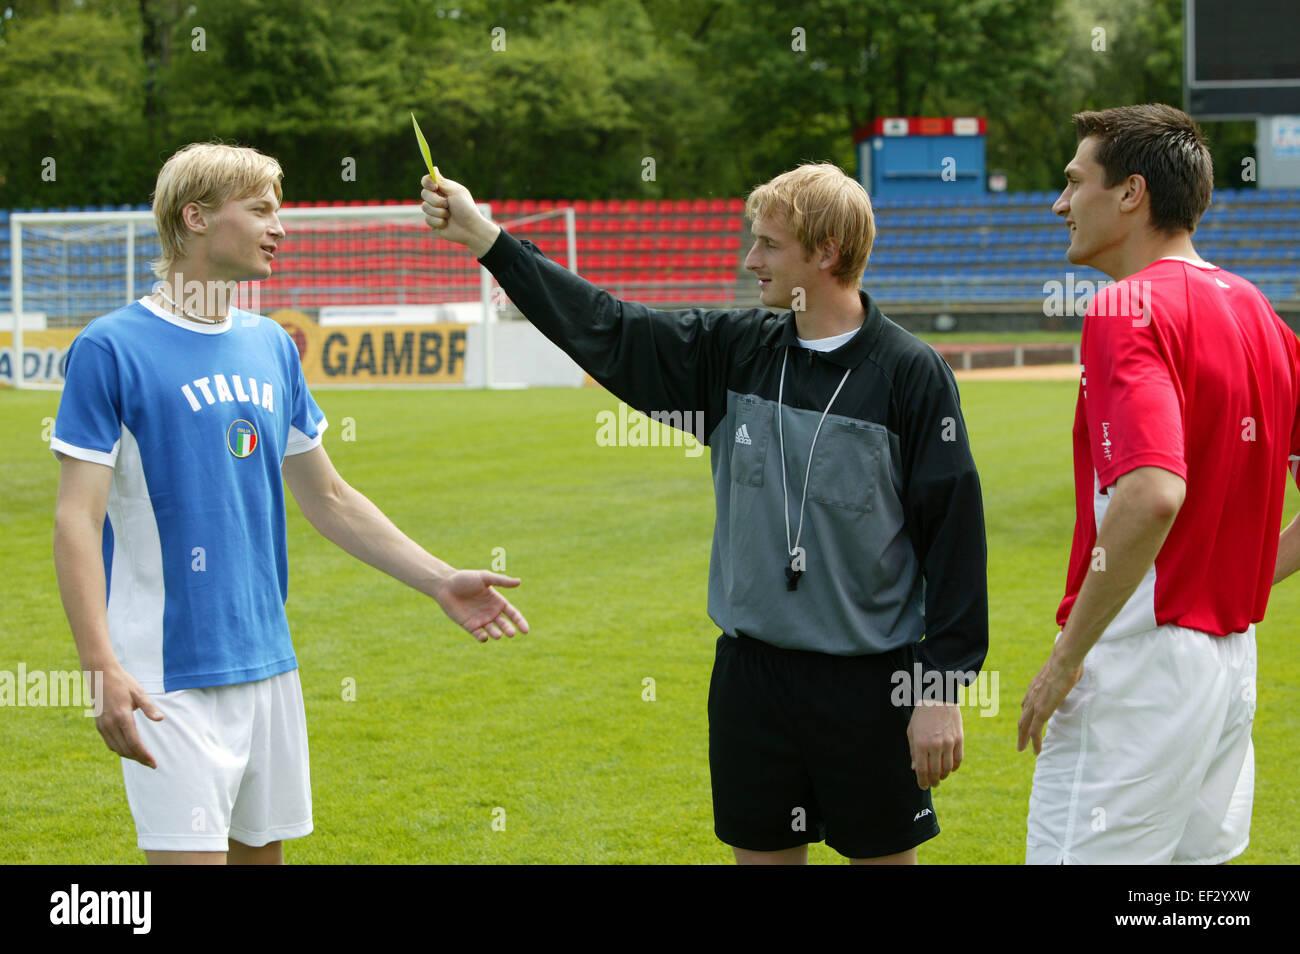 Sportstadion Fussballspieler Schiedsrichter Gestik Gelbe Karte Aussen Stadion Fu?ball Fussballspiel Spiel Sport - Stock Image